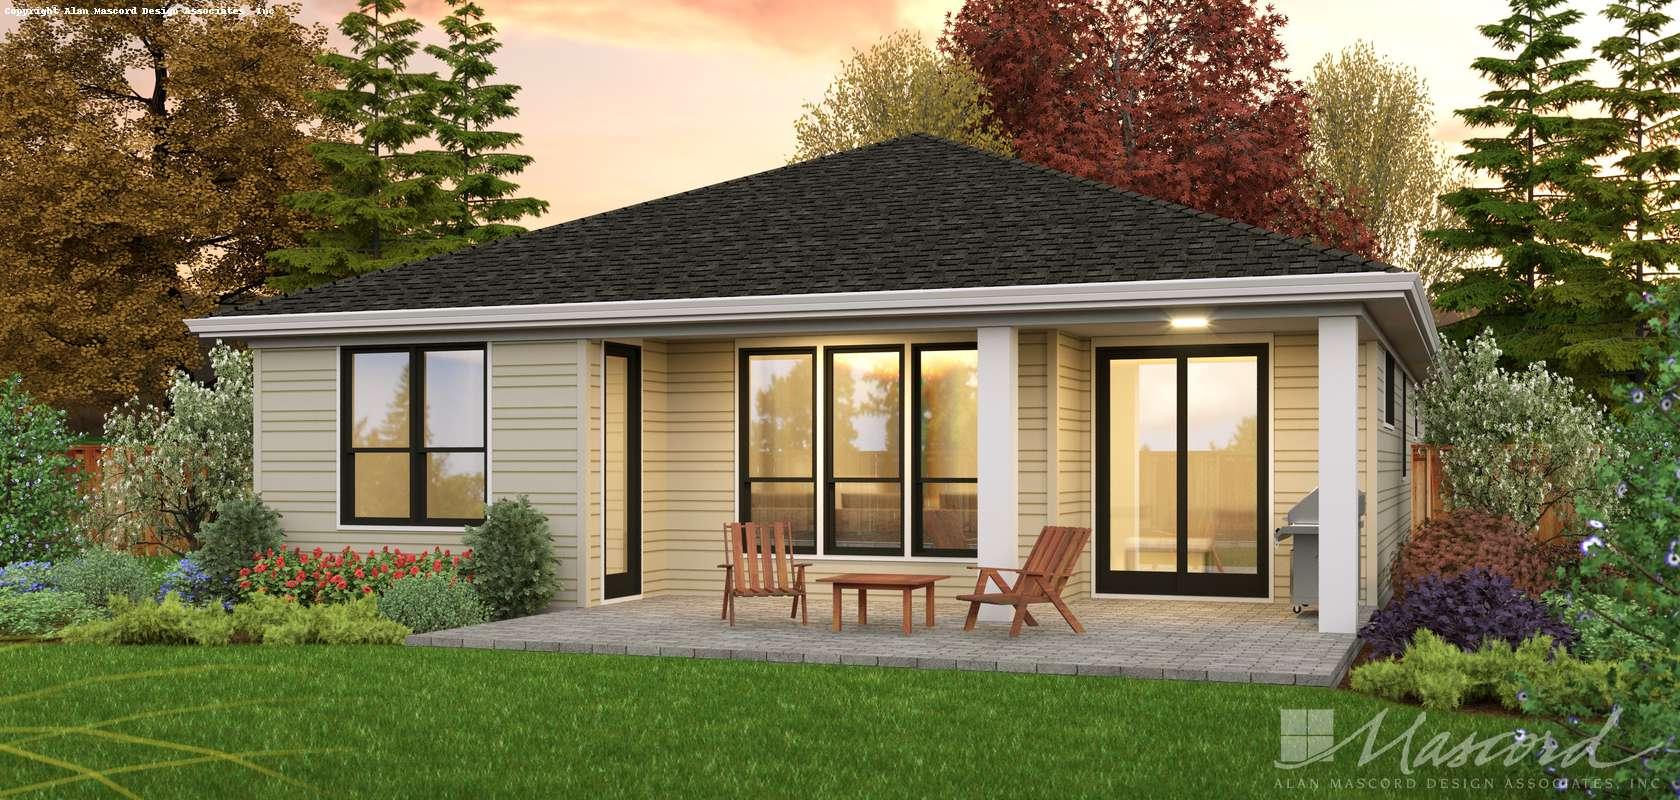 Mascord House Plan 1221E: The Stony Park